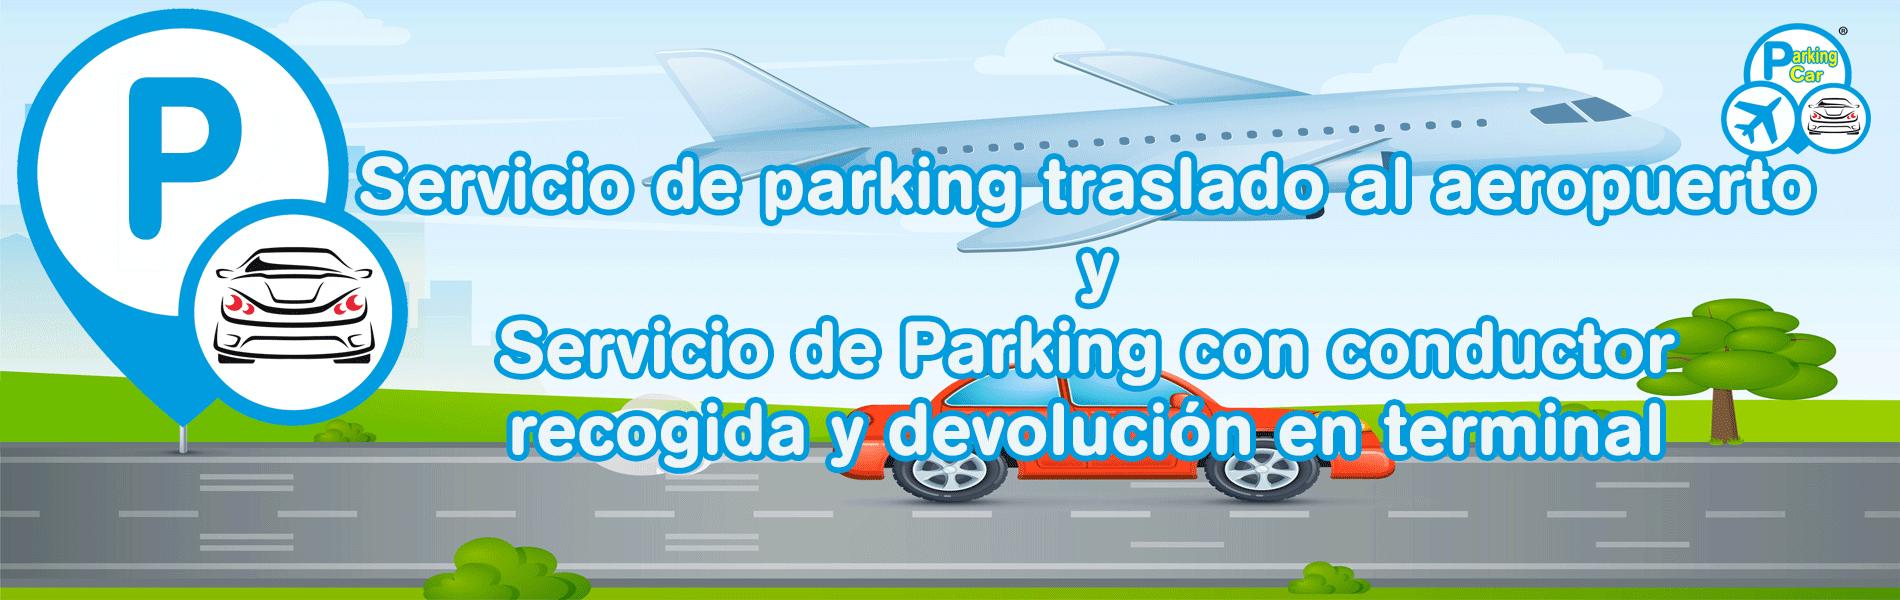 Servicios Parkingcar